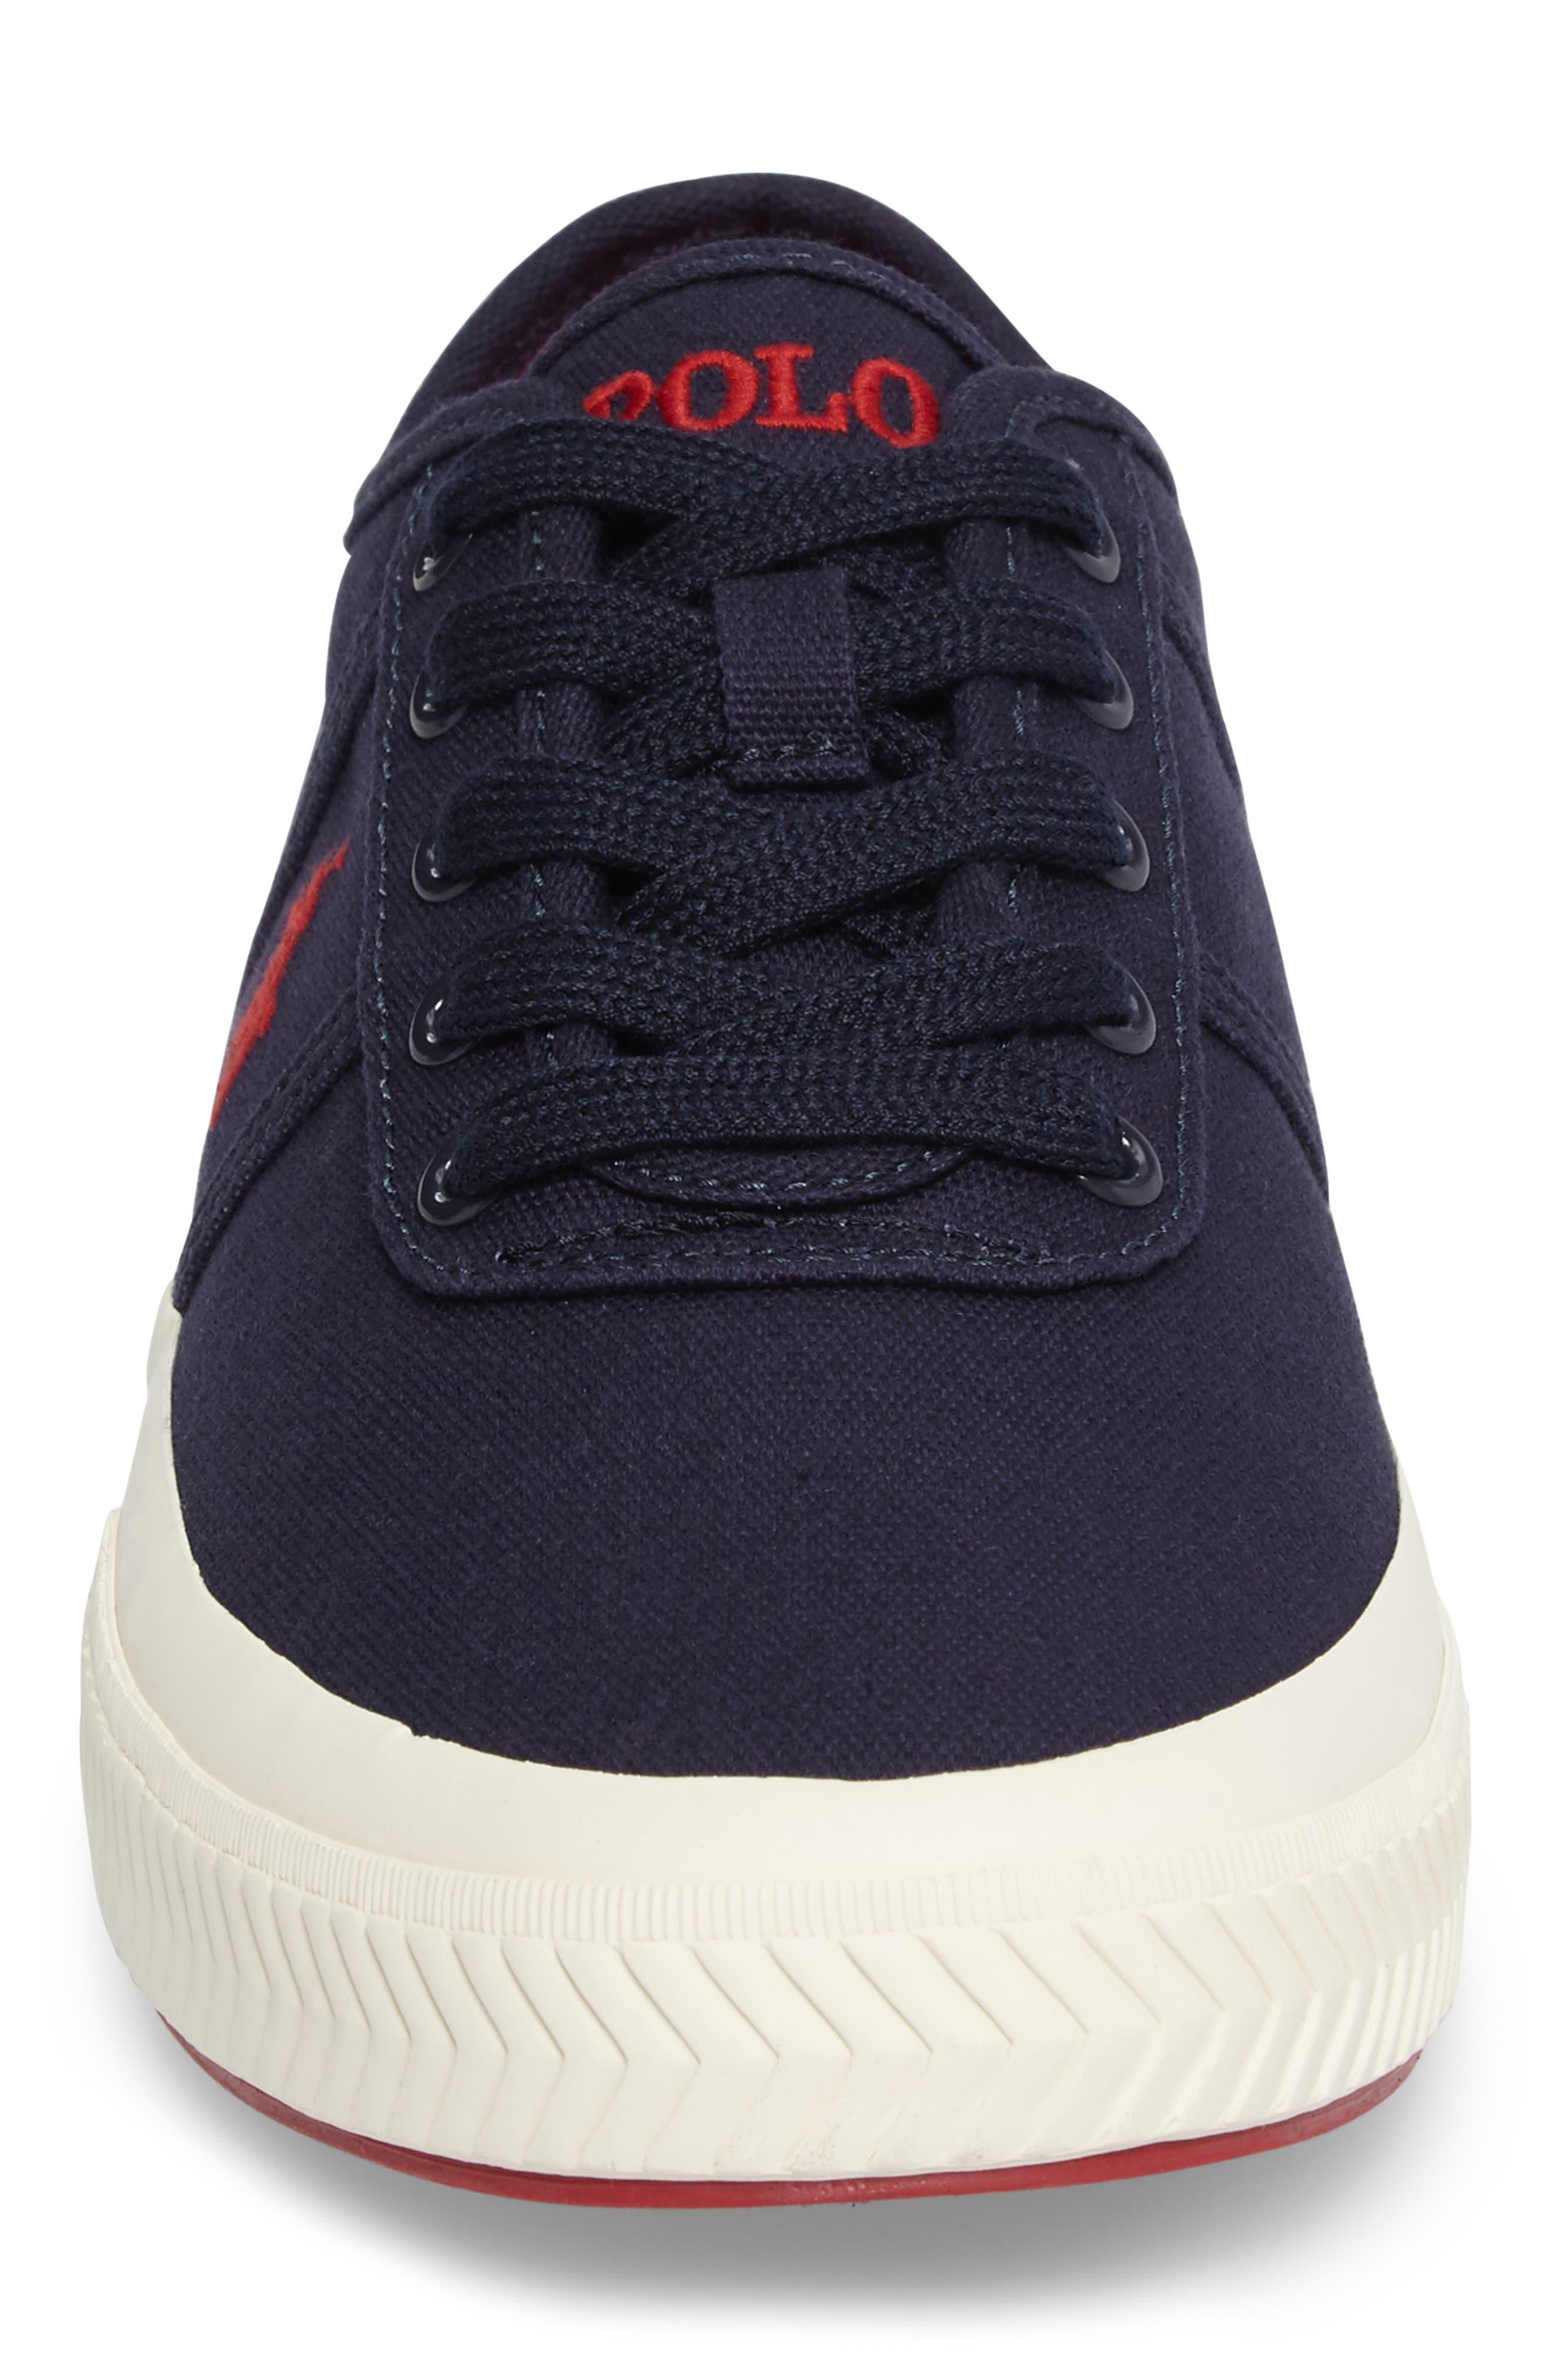 Alternate Image 4  - Polo Ralph Lauren Tyrian Sneaker (Men)